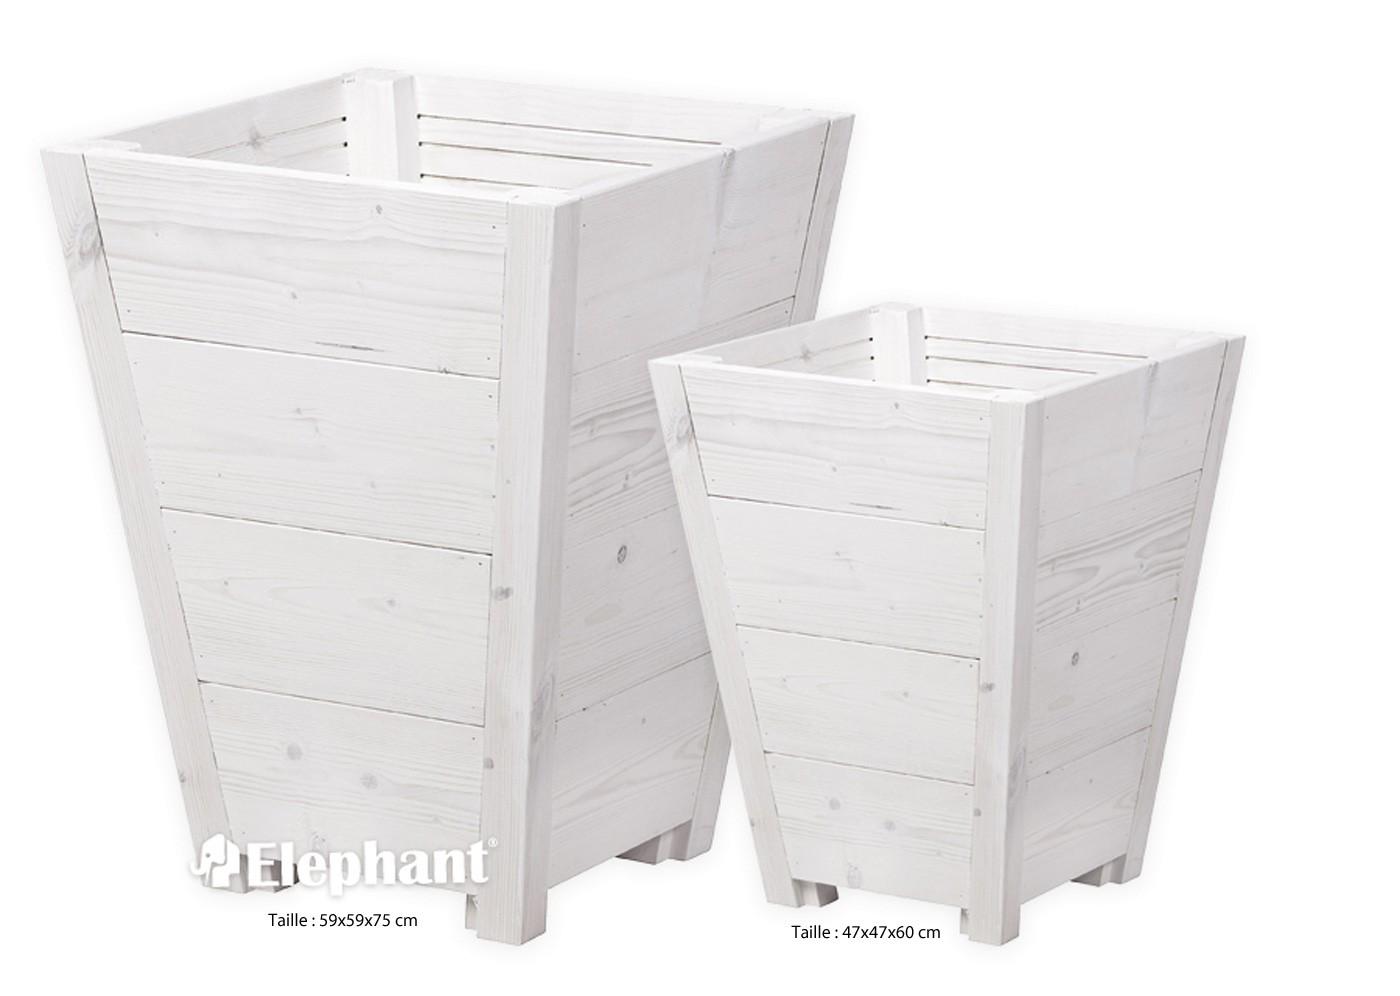 jardinière en bois conique blanchi vaso 47 x 47 x 60 cm